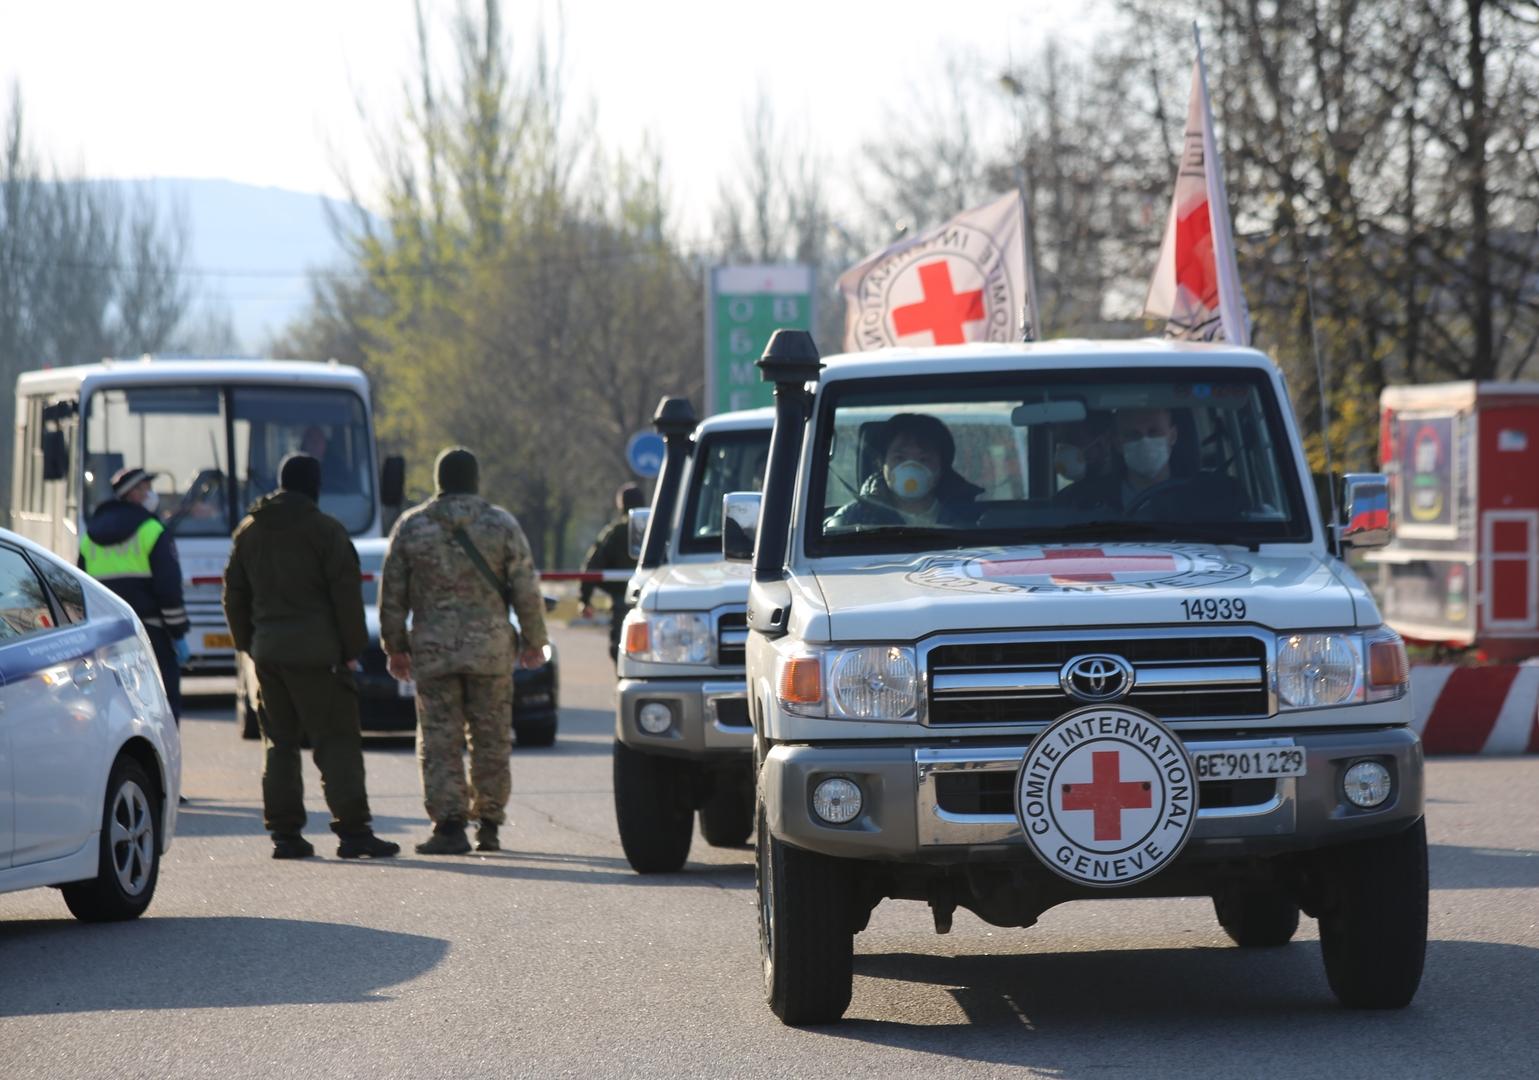 أفراد من اللجنة الدولية للصليب الأحمر يشرفون على عملية لتبادل الأسرى في دونباس 16 أبريل 2020